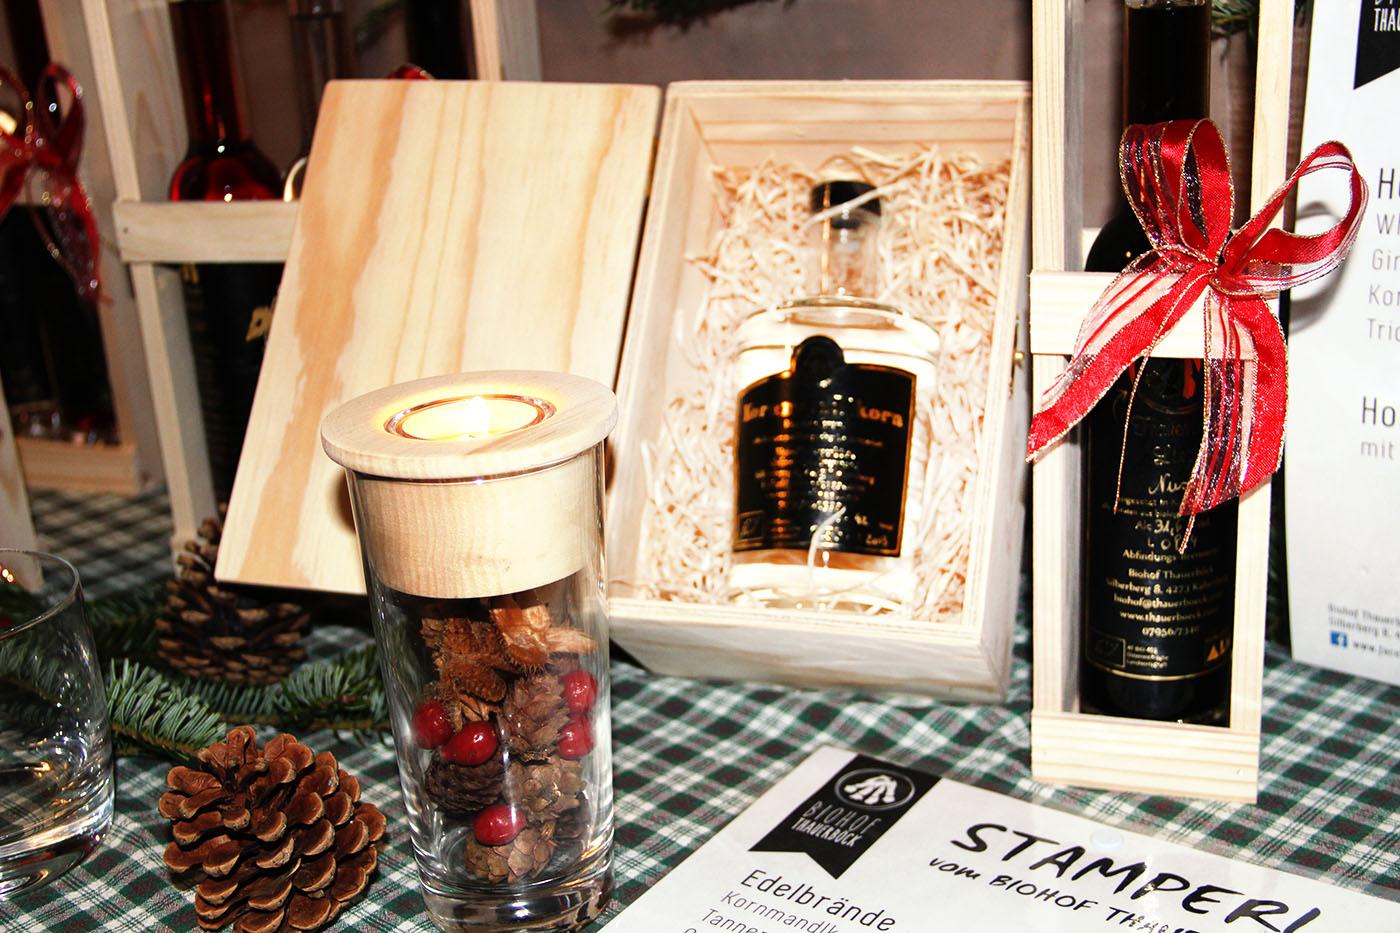 weihnachten im wald pabneukrichen schnaps thauerboeck bio. Black Bedroom Furniture Sets. Home Design Ideas